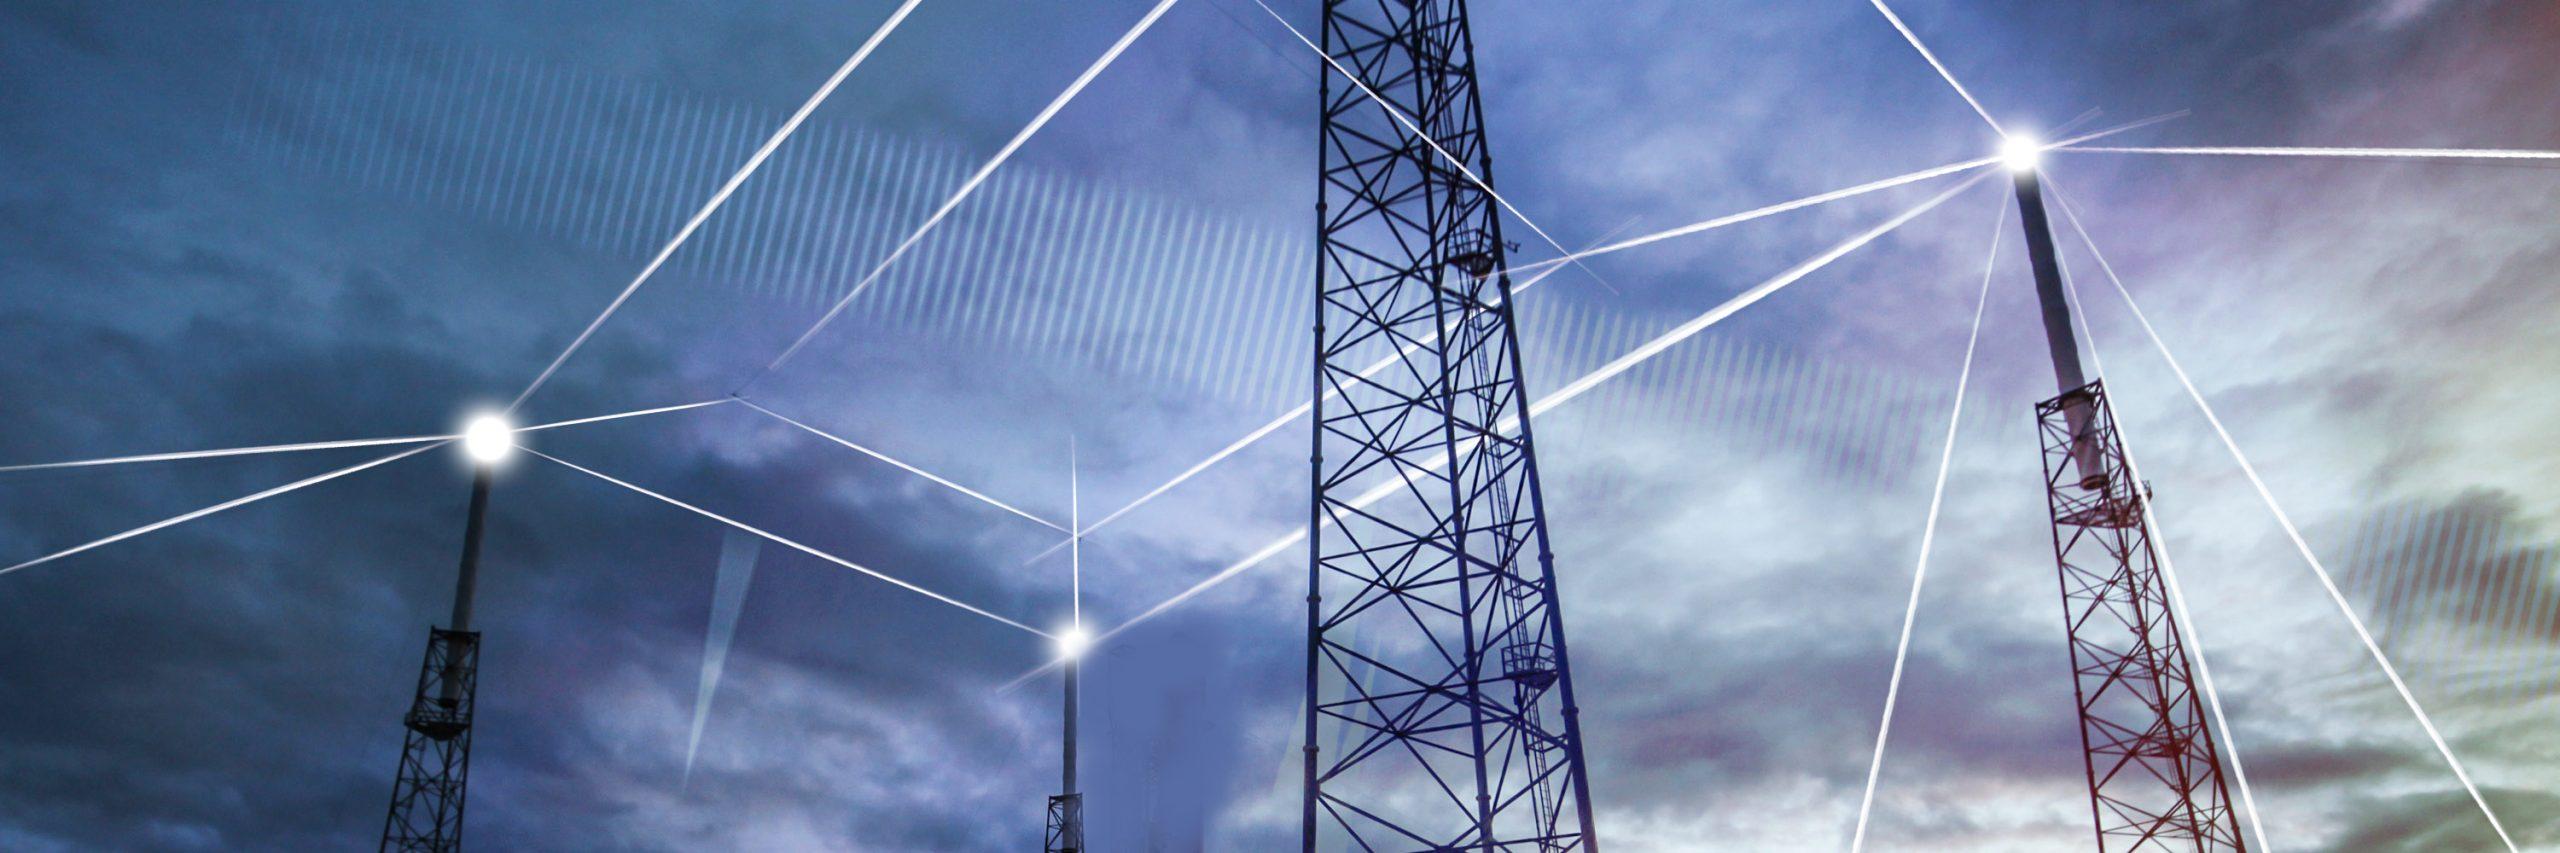 福州高新区光电创新型产业集群试点(培育)获批